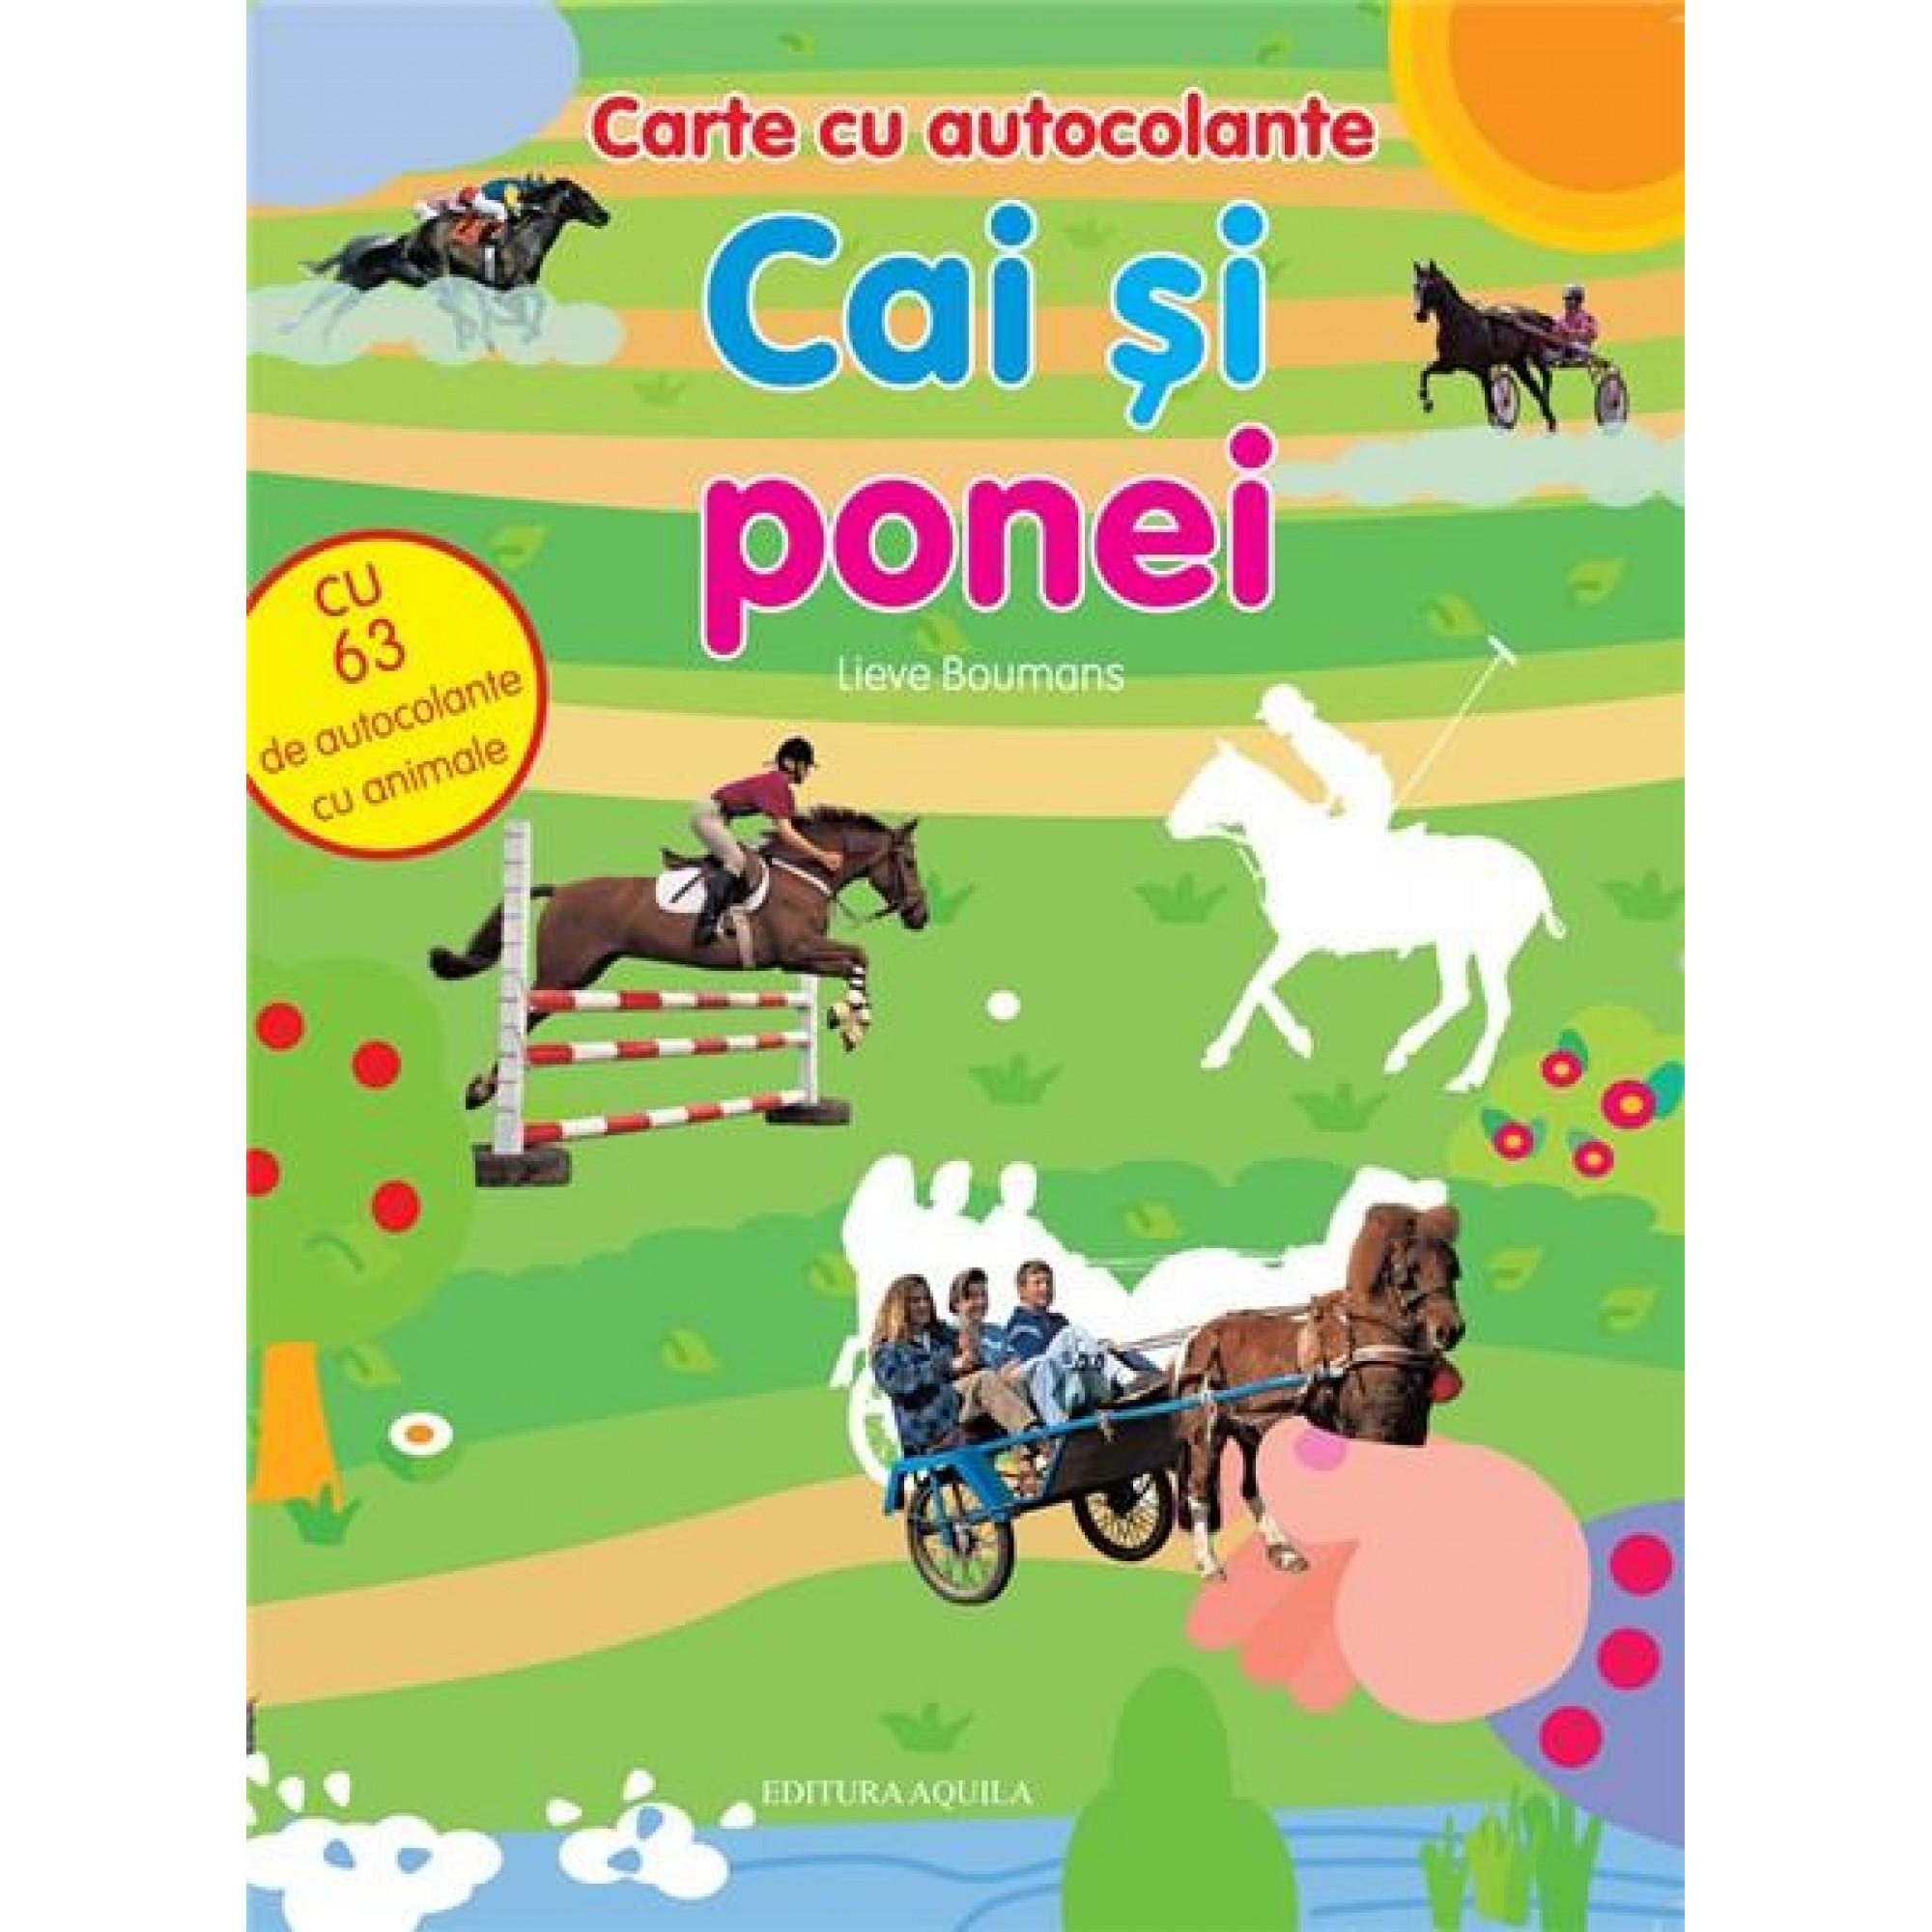 Carte cu autocolante. Cai și ponei